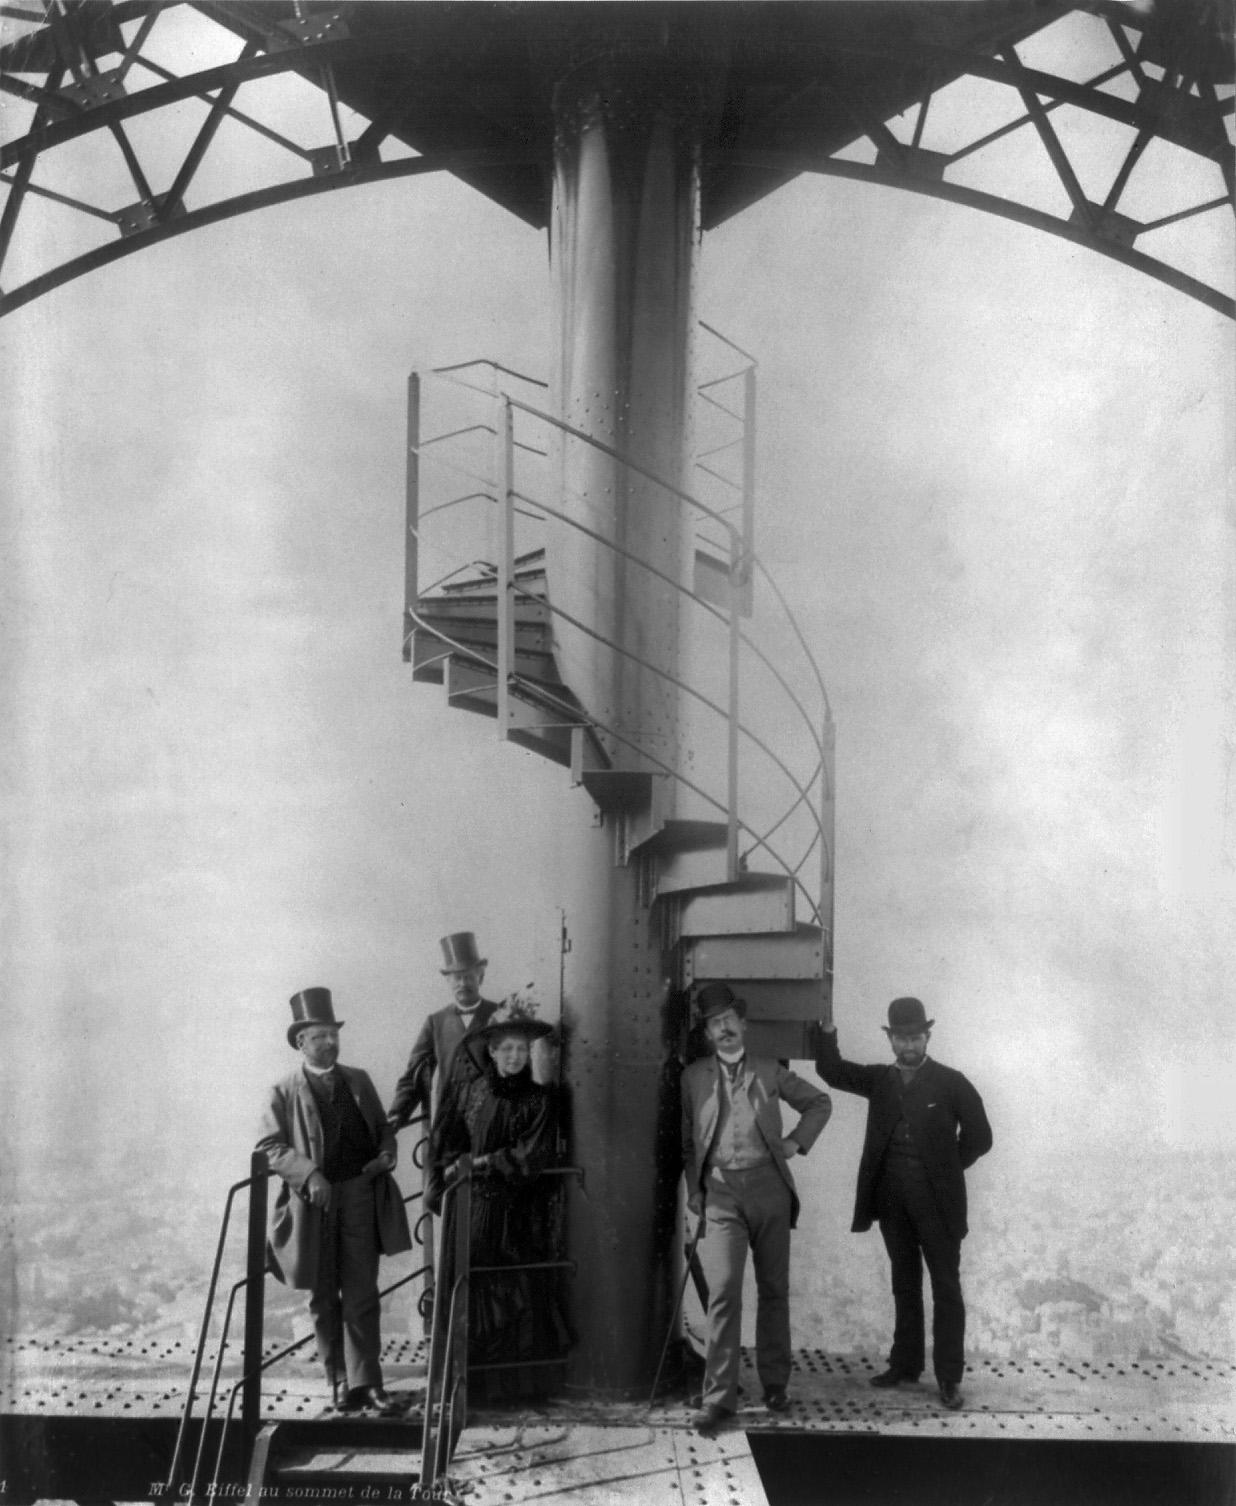 Гюстав Эйфель с друзьями на Эйфелевой башне во время Всемирной выставки в Париже. 1889